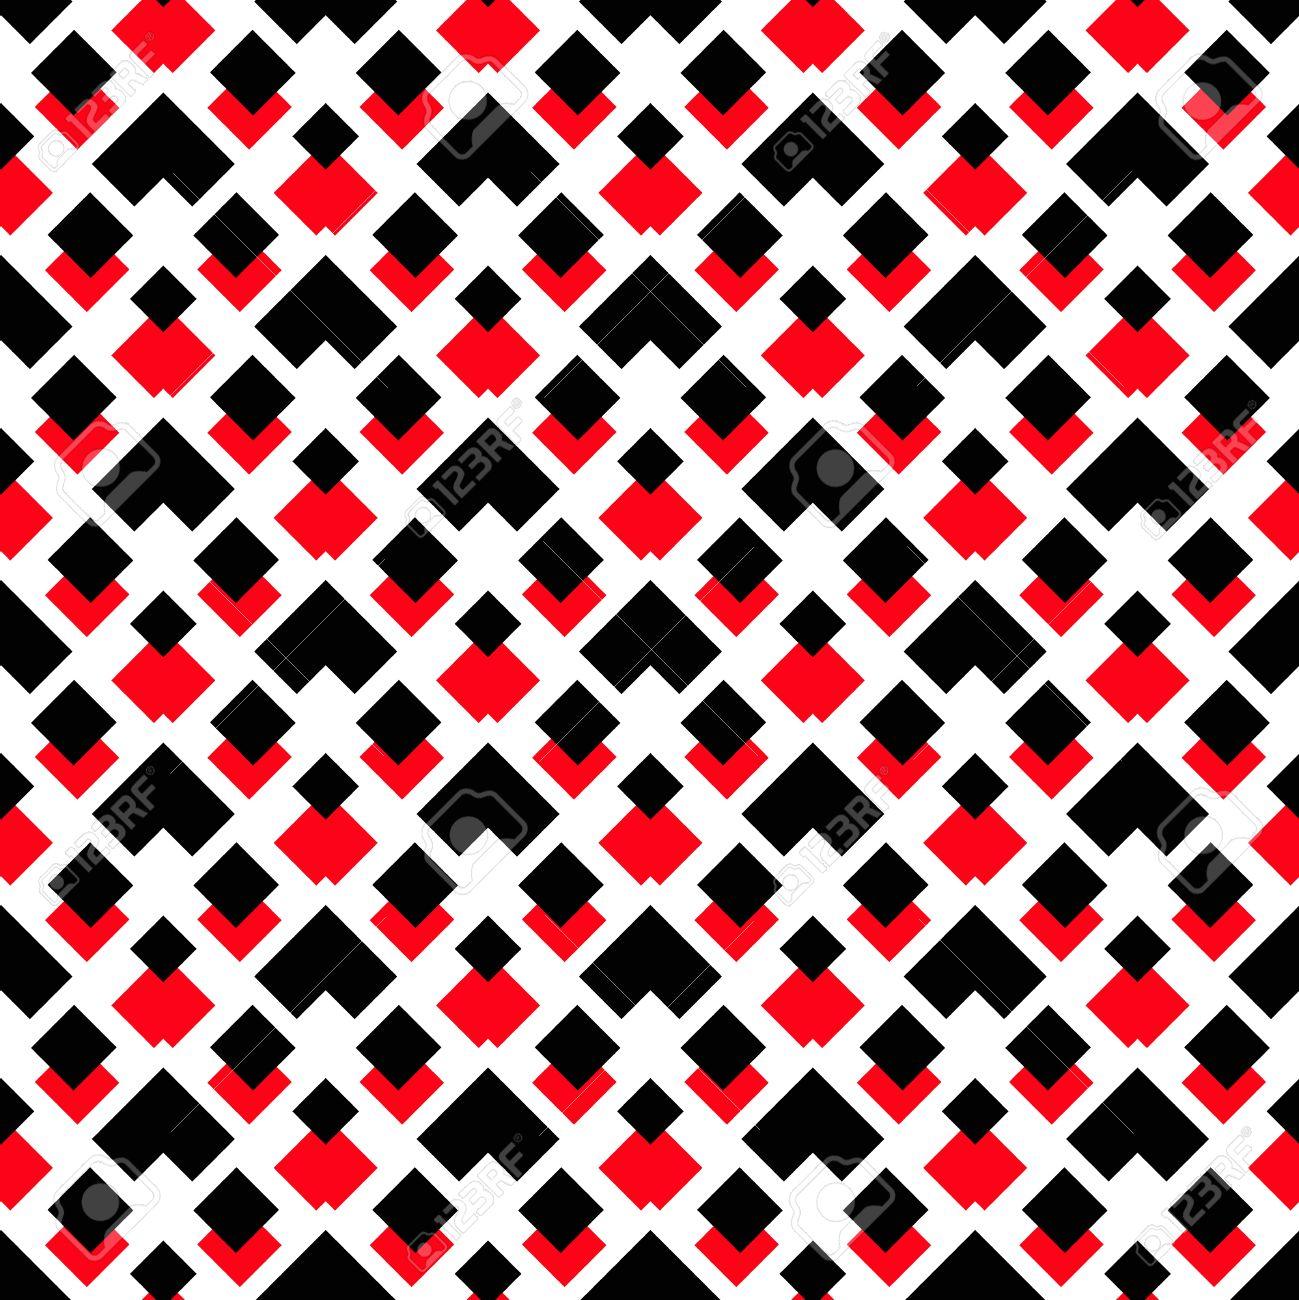 Vecteur De Fond Motif Geometrique Motif Carre Noir Et Rouge Sur Fond Blanc Motif Decoratif Pour Le Papier Peint Les Meubles La Decoration Le